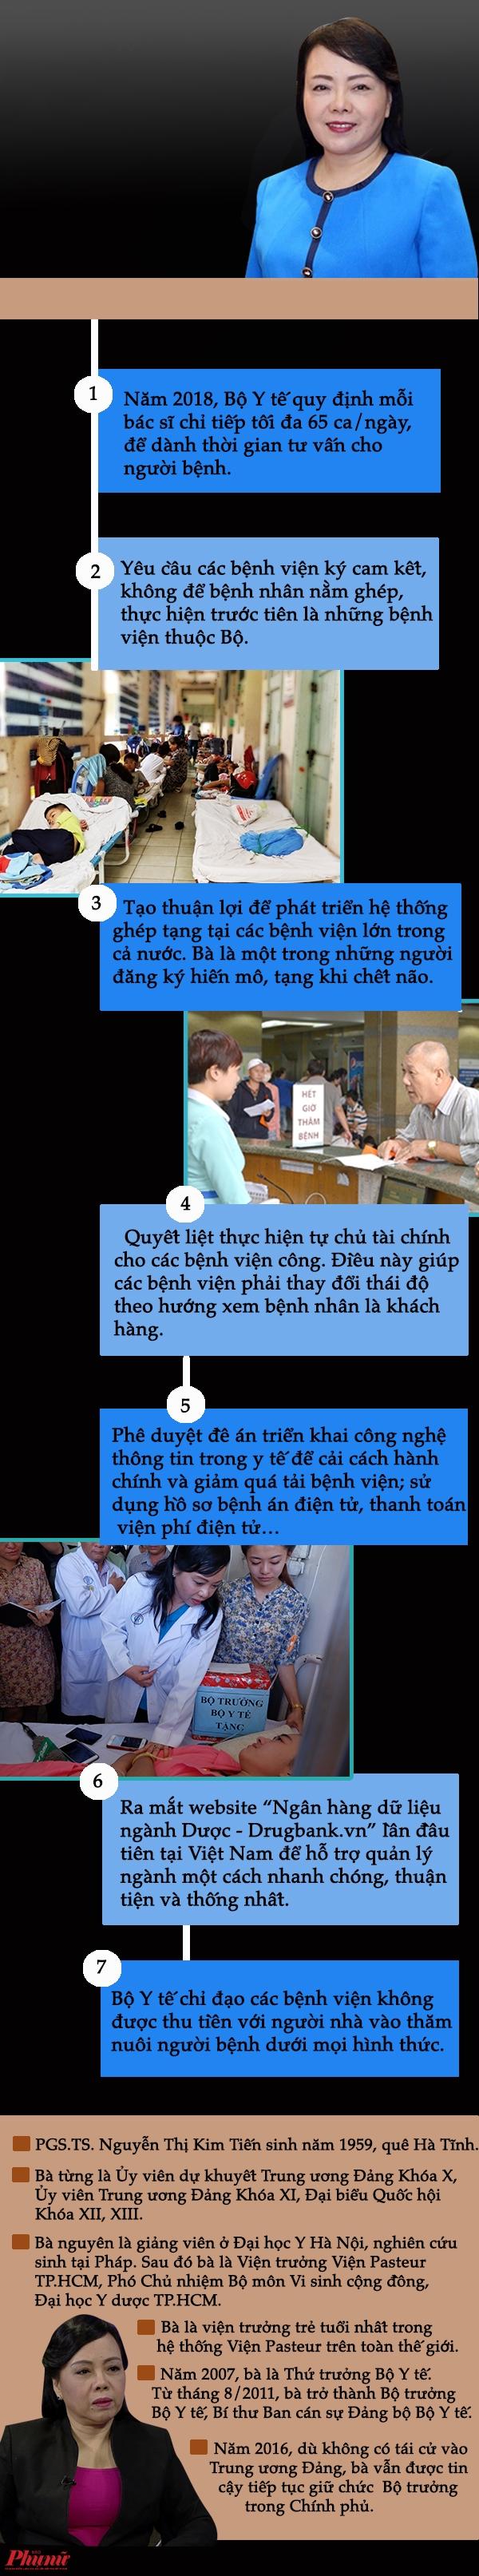 Dau an khi lam Bo truong Y te cua ba Nguyen Thi Kim Tien